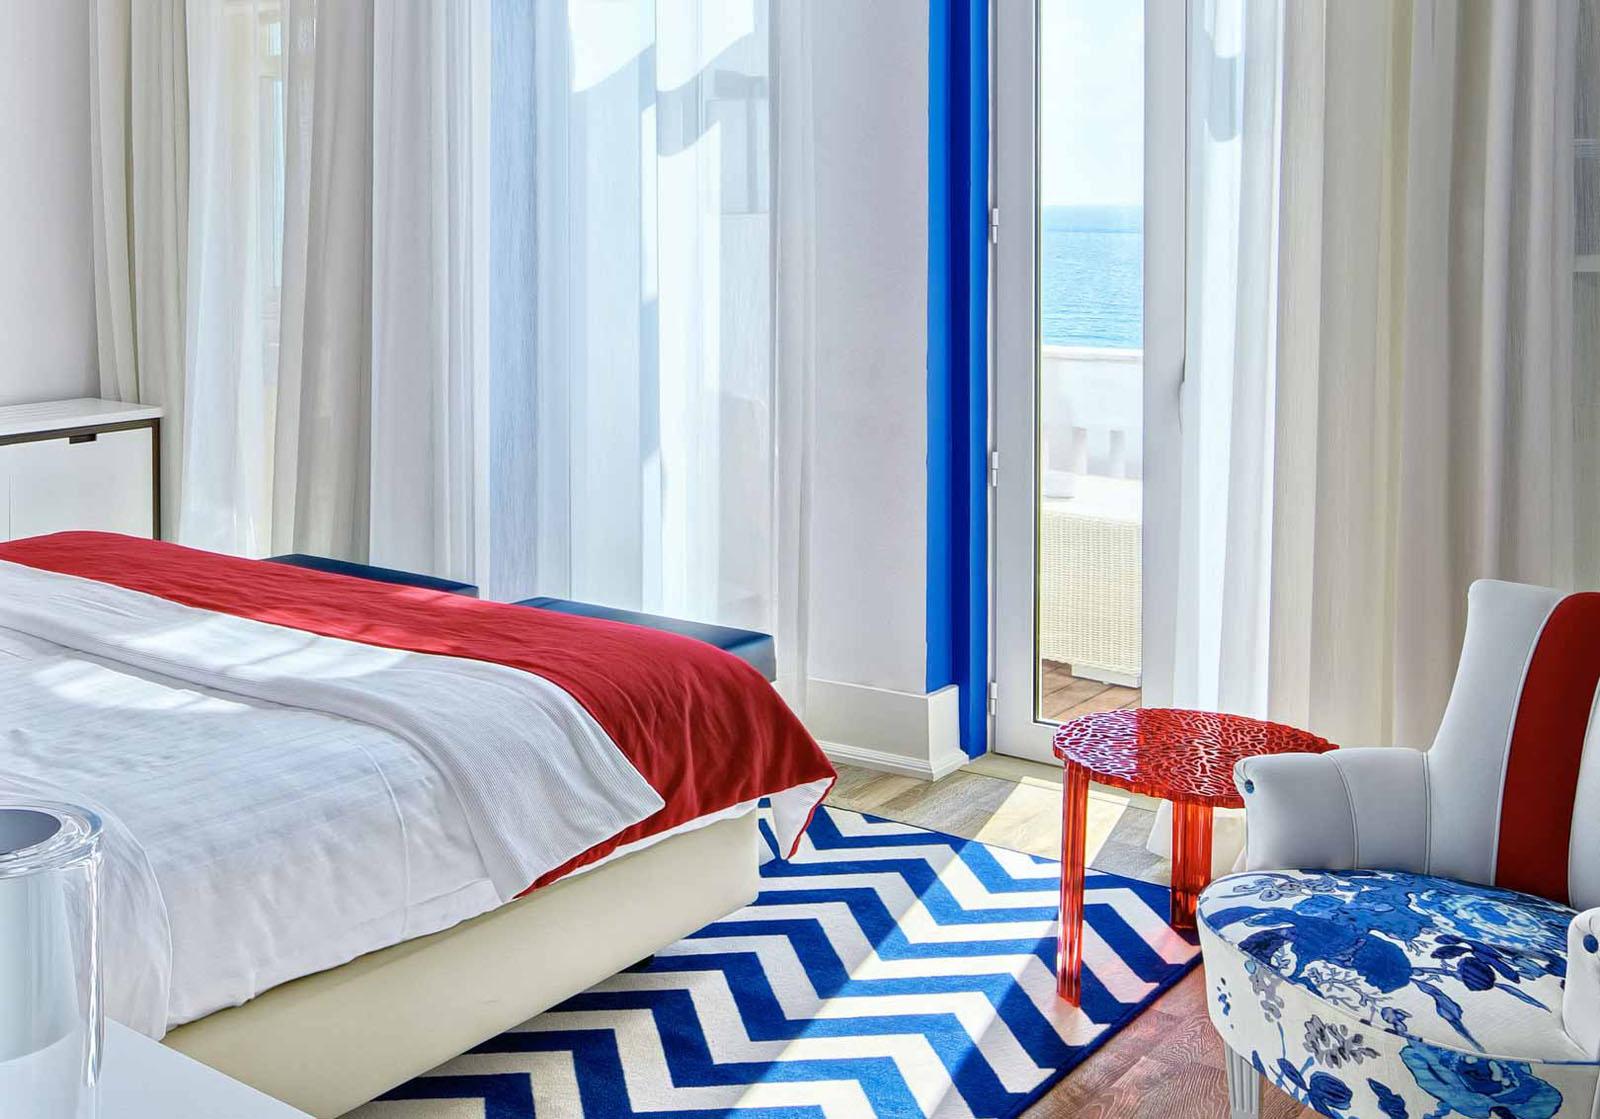 hotel bela vista eclectic interiors | idesignarch | interior